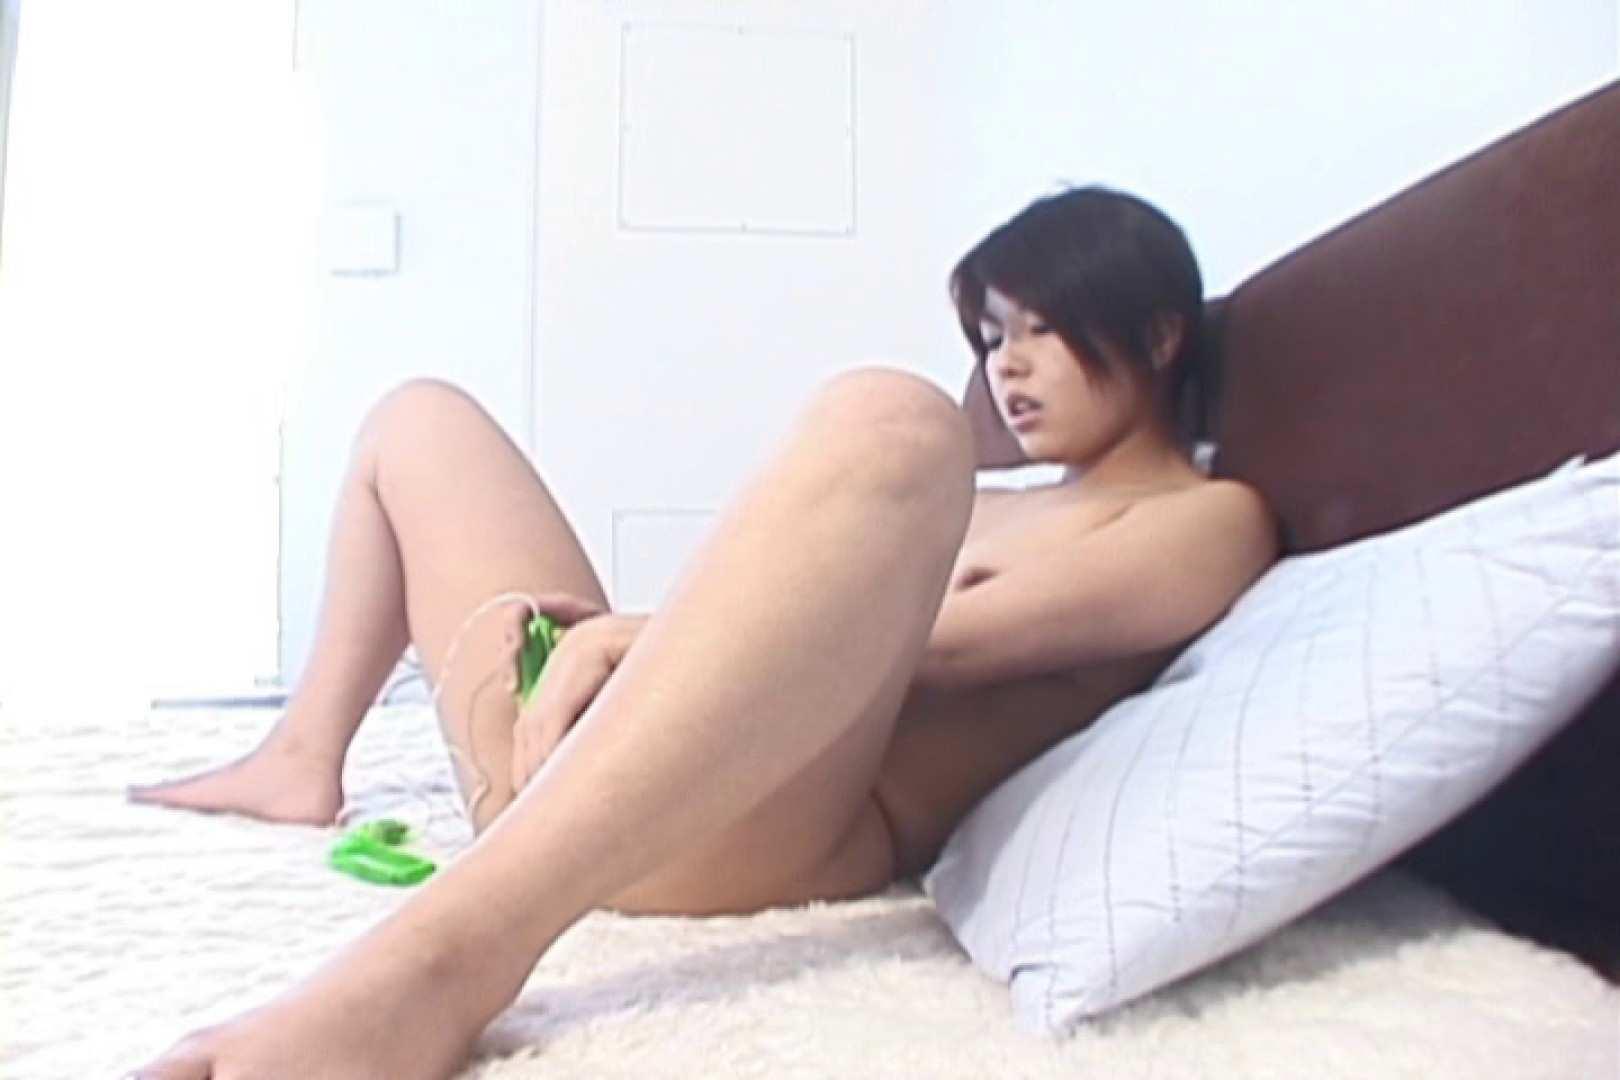 まだまだ若い三十路の人妻、綺麗な体を見て!~村田なお~ ローター オメコ無修正動画無料 82pic 46